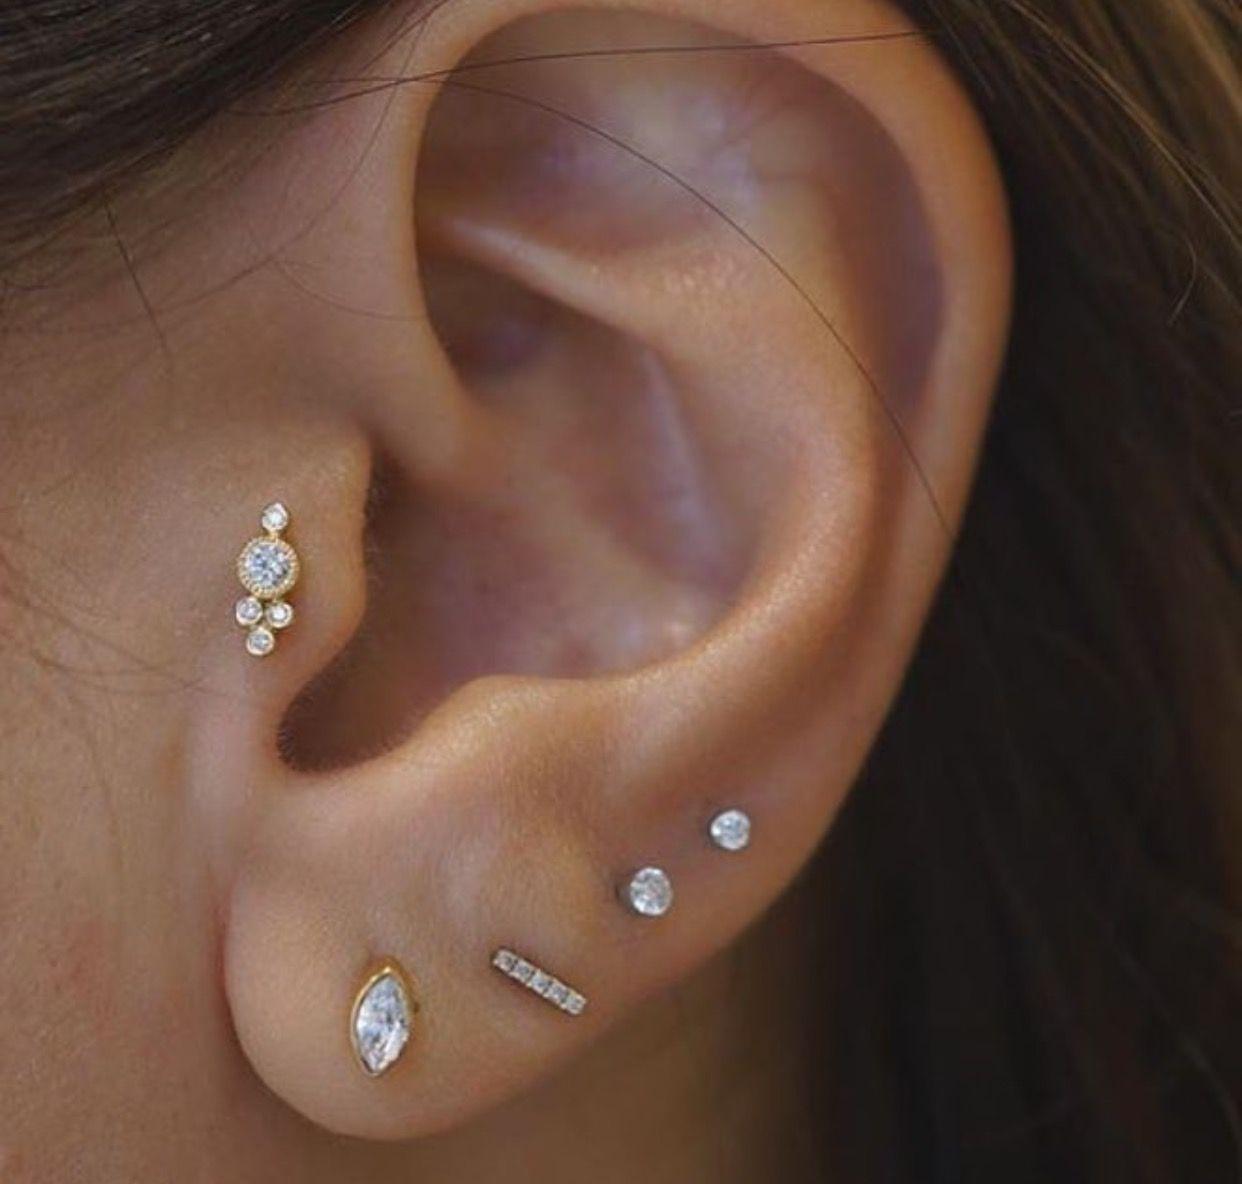 Maria Tash Earings Piercings Tragus Piercings Tragus Jewelry